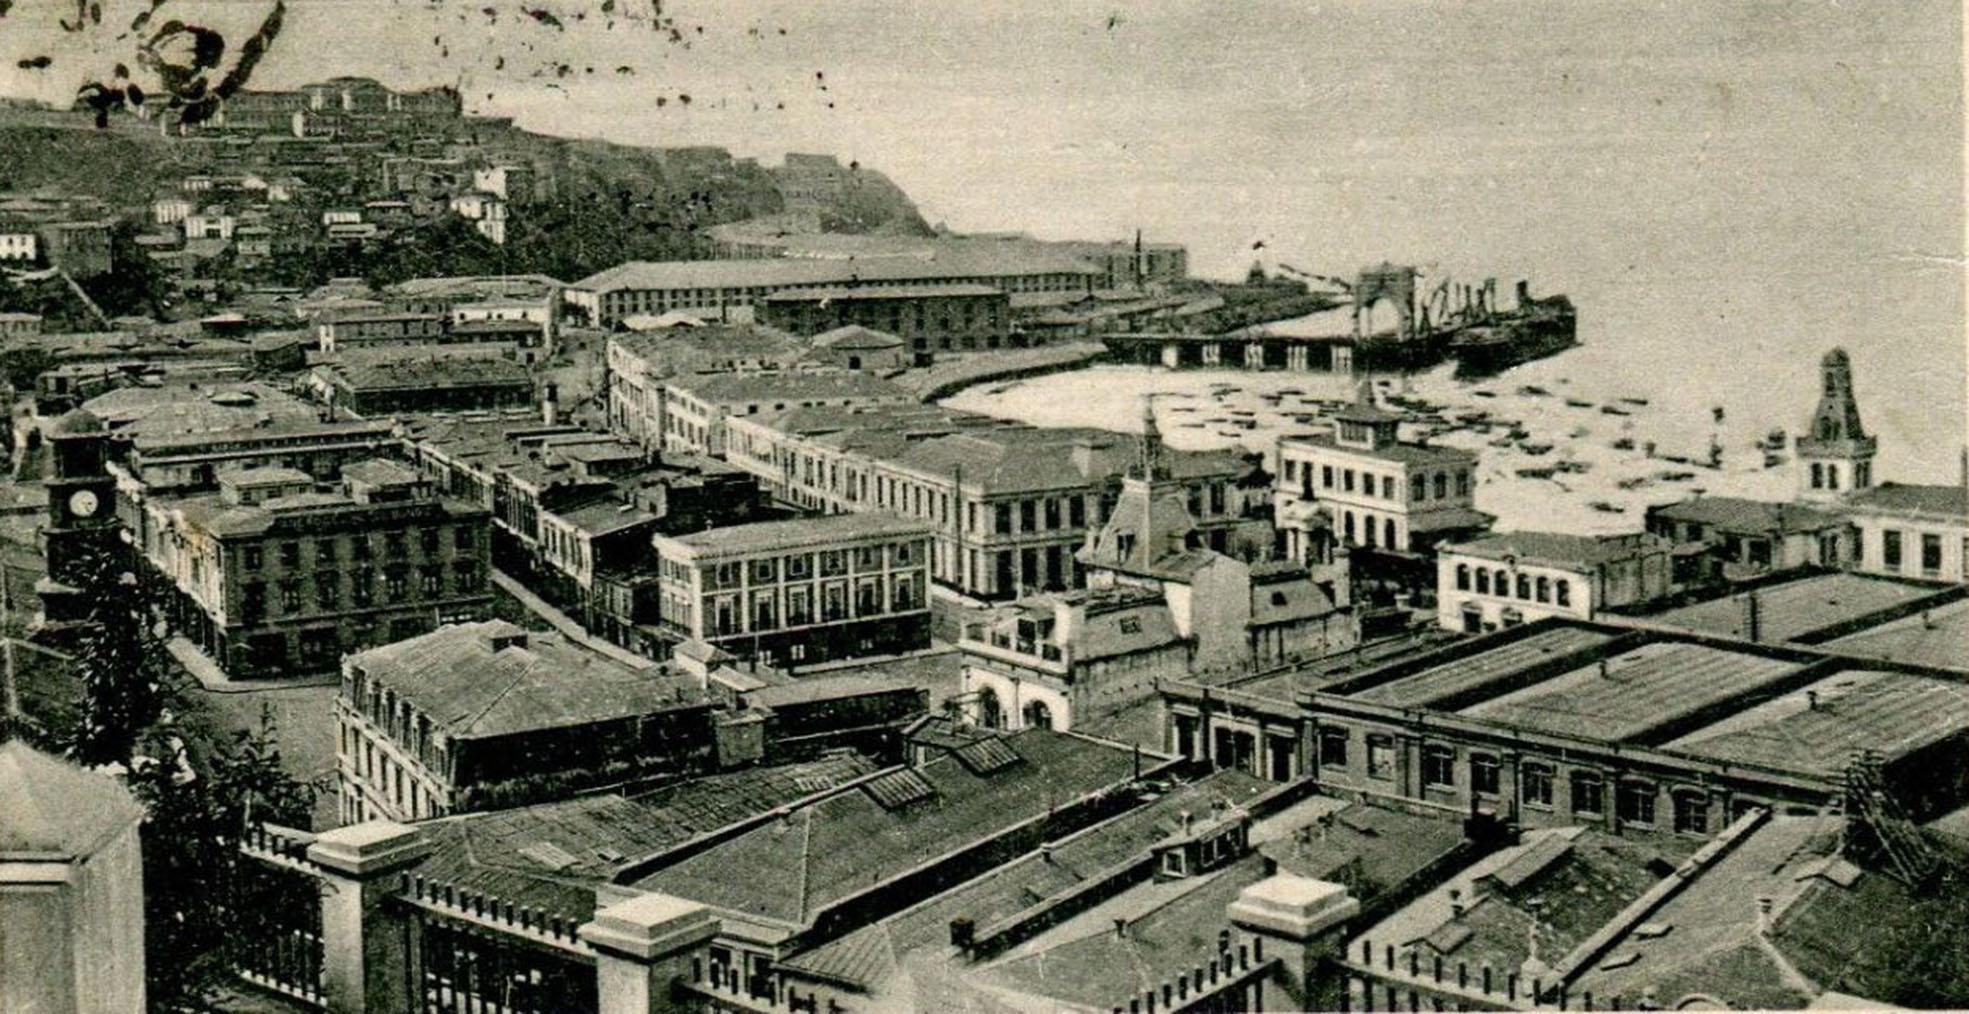 Enterreno - Fotos históricas de chile - fotos antiguas de Chile - Plaza Sotomayor de Valparaíso en 1900